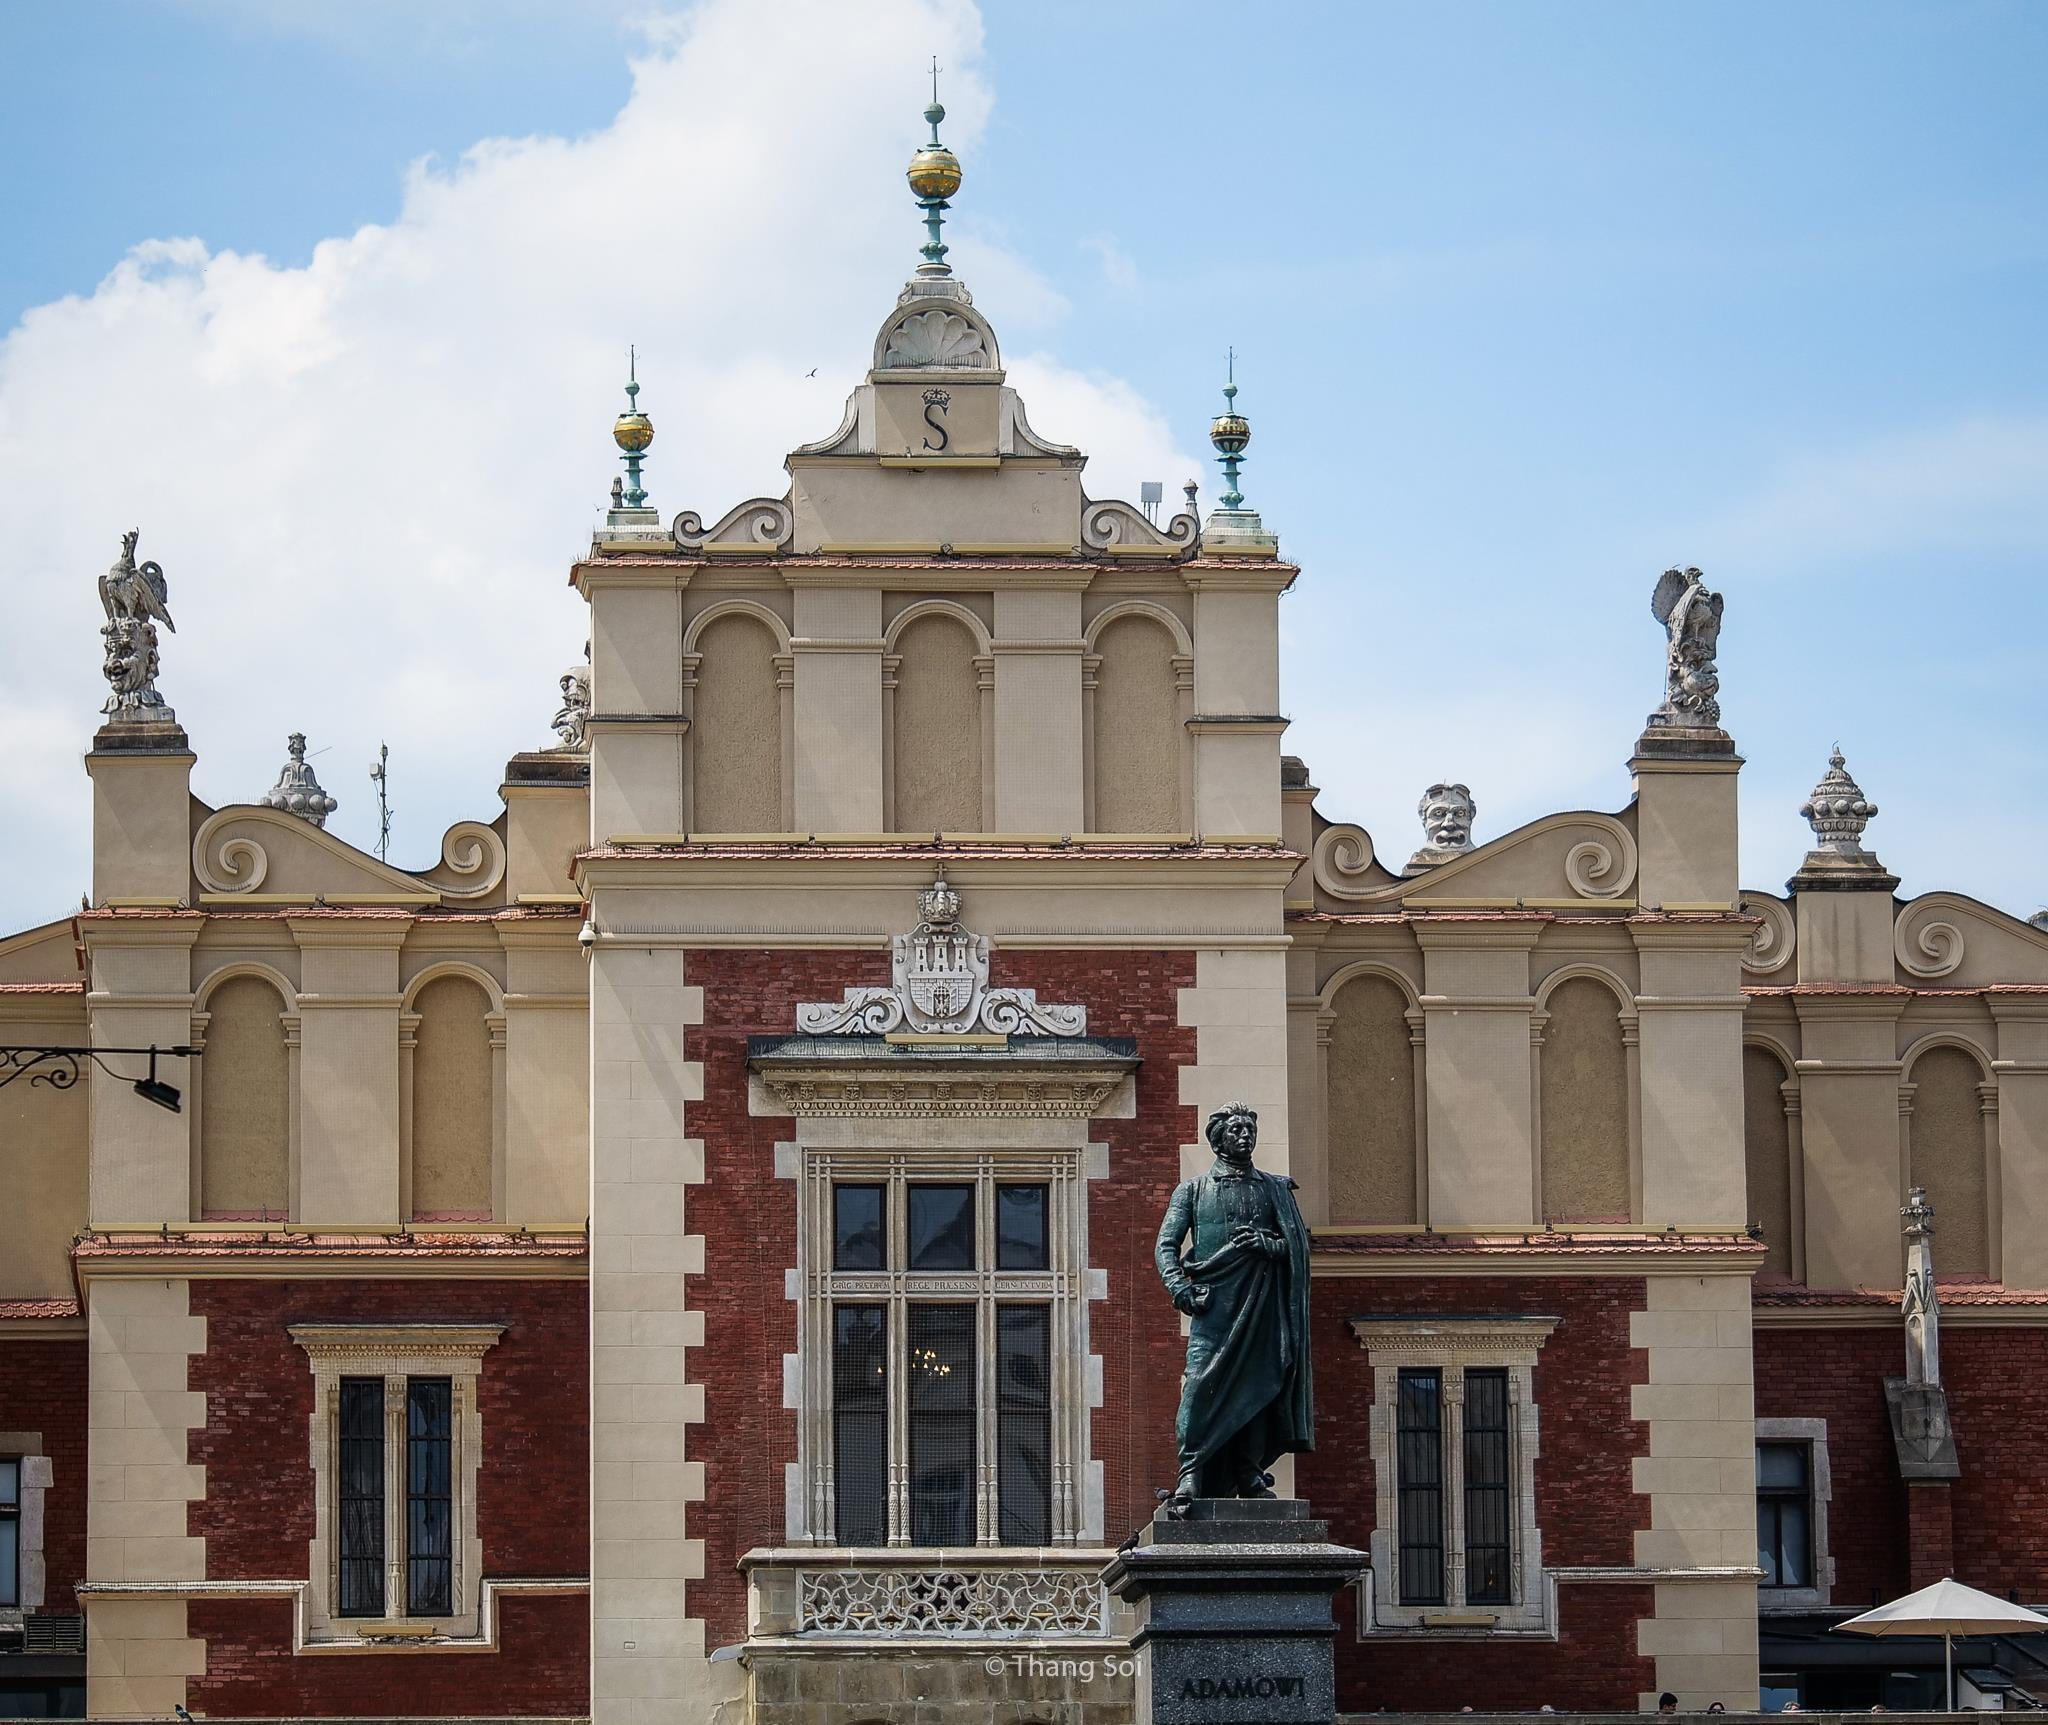 Krakow, kinh do co phai ghe tham khi den Ba Lan hinh anh 35